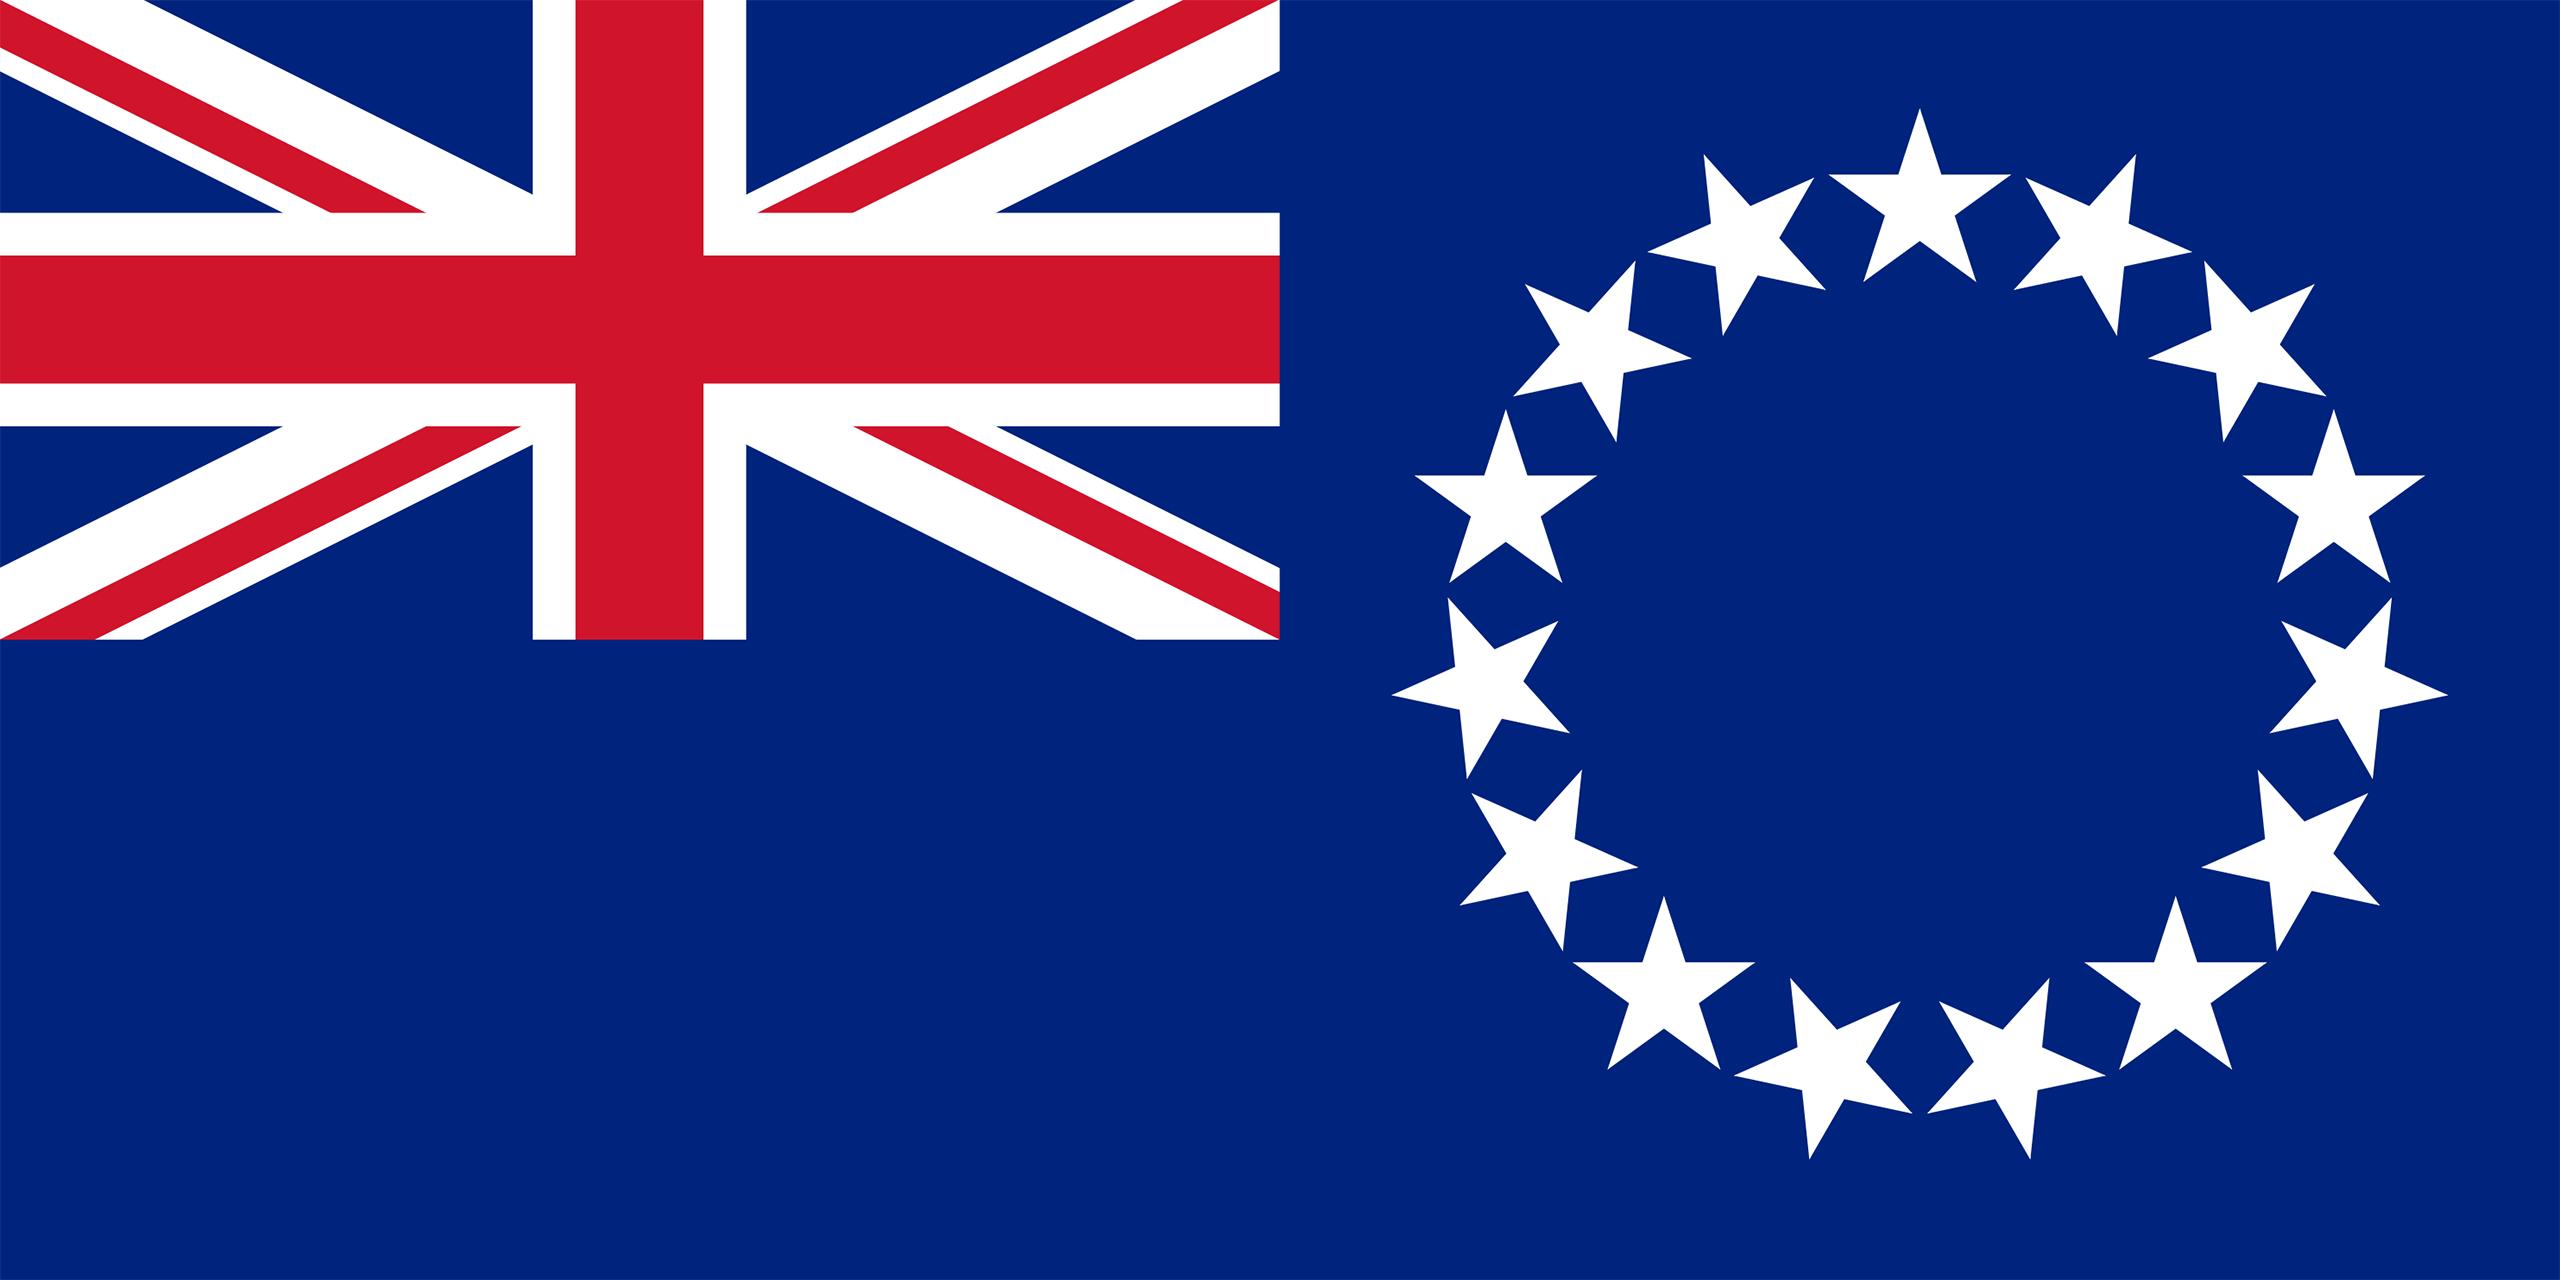 islas cook, país, emblema, insignia, símbolo - Fondos de Pantalla HD - professor-falken.com